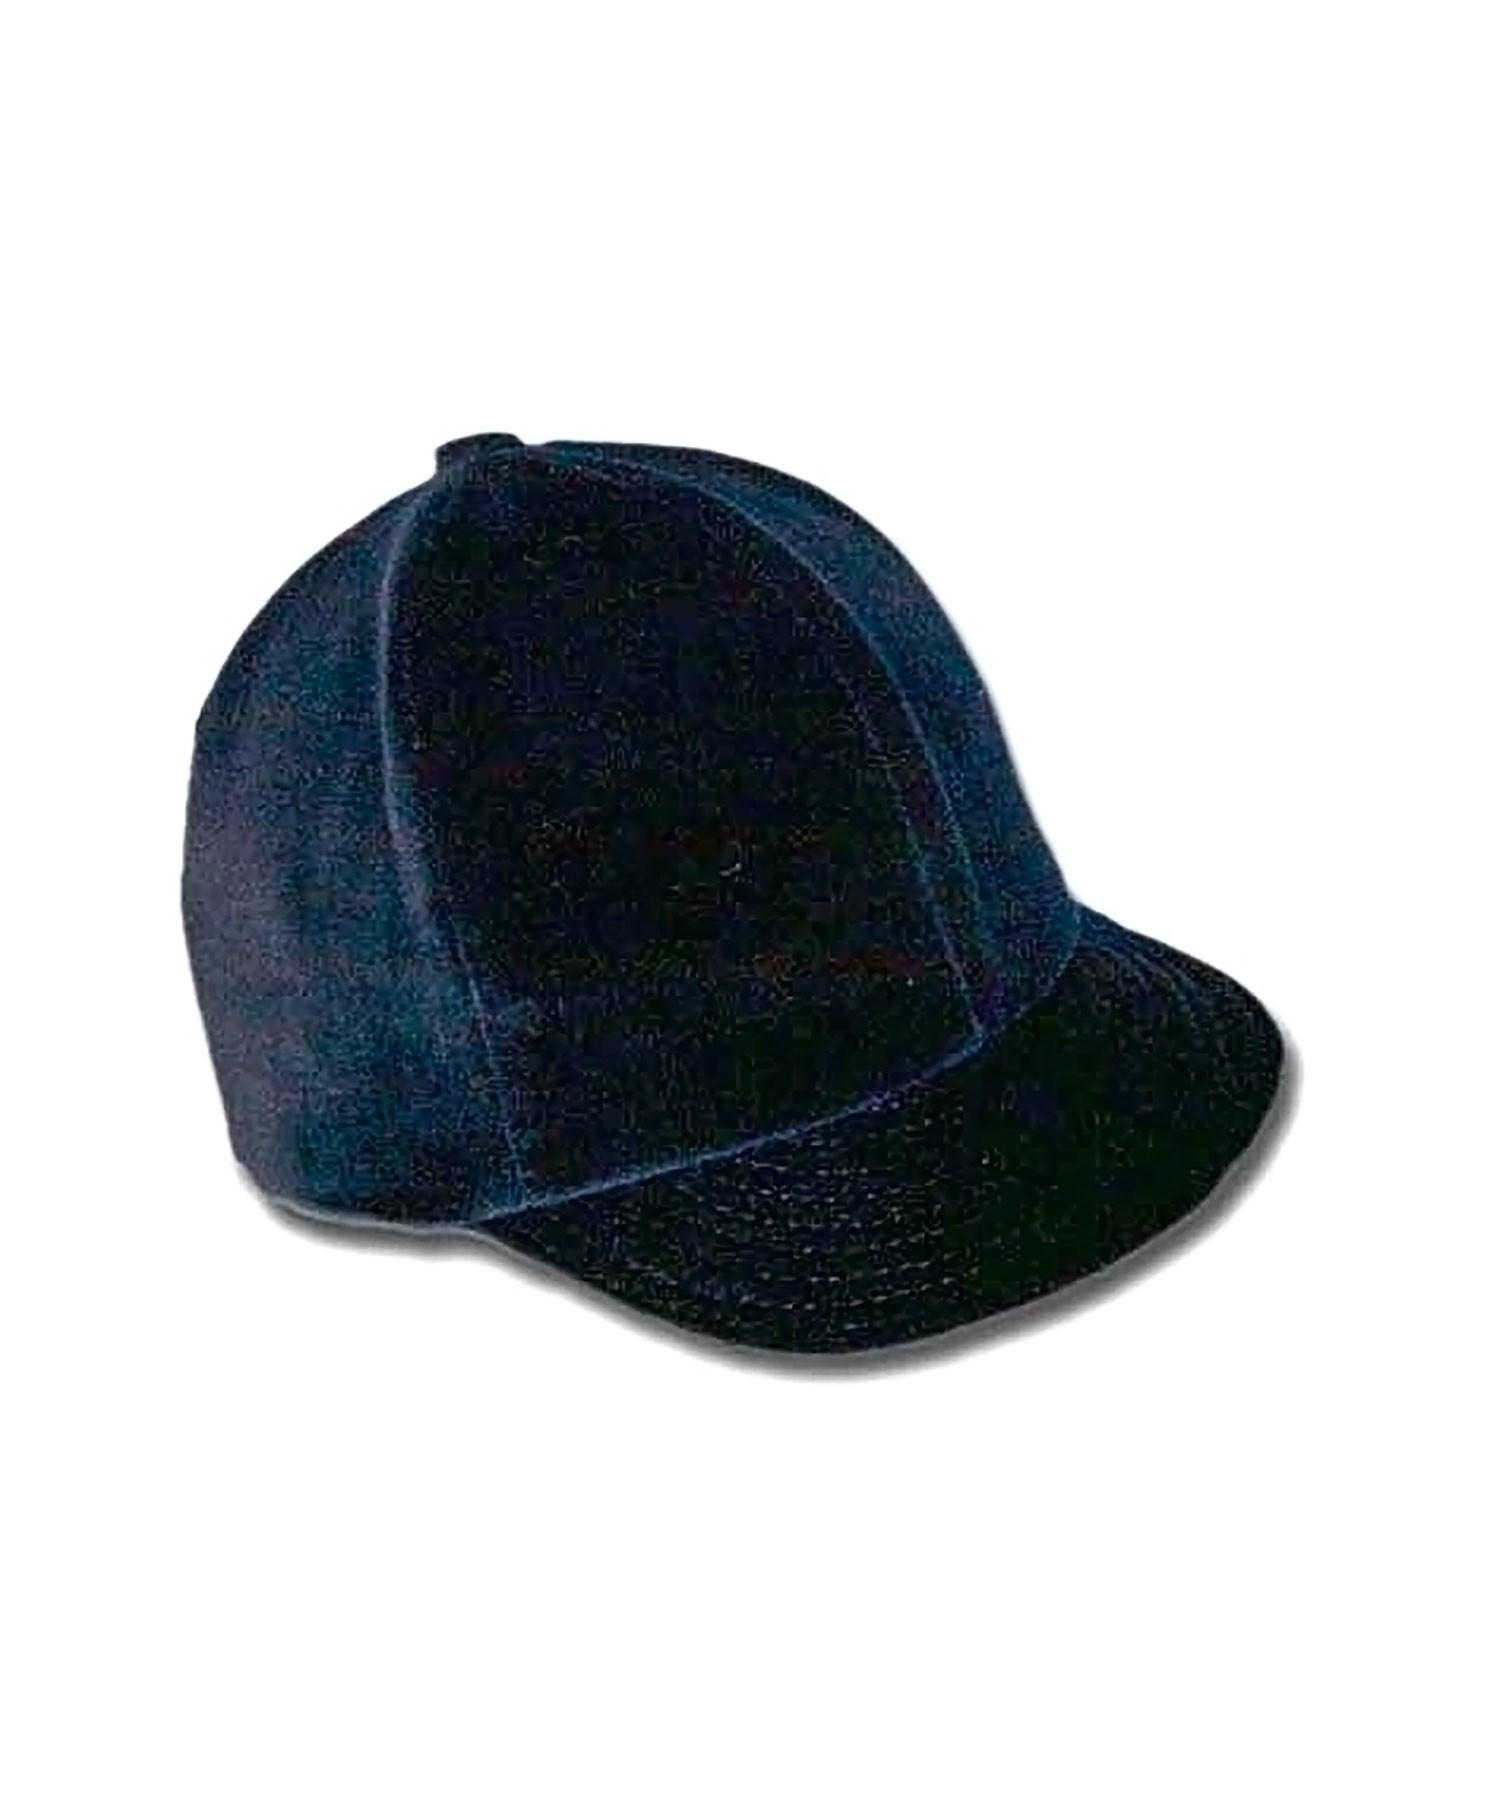 Fantino hat